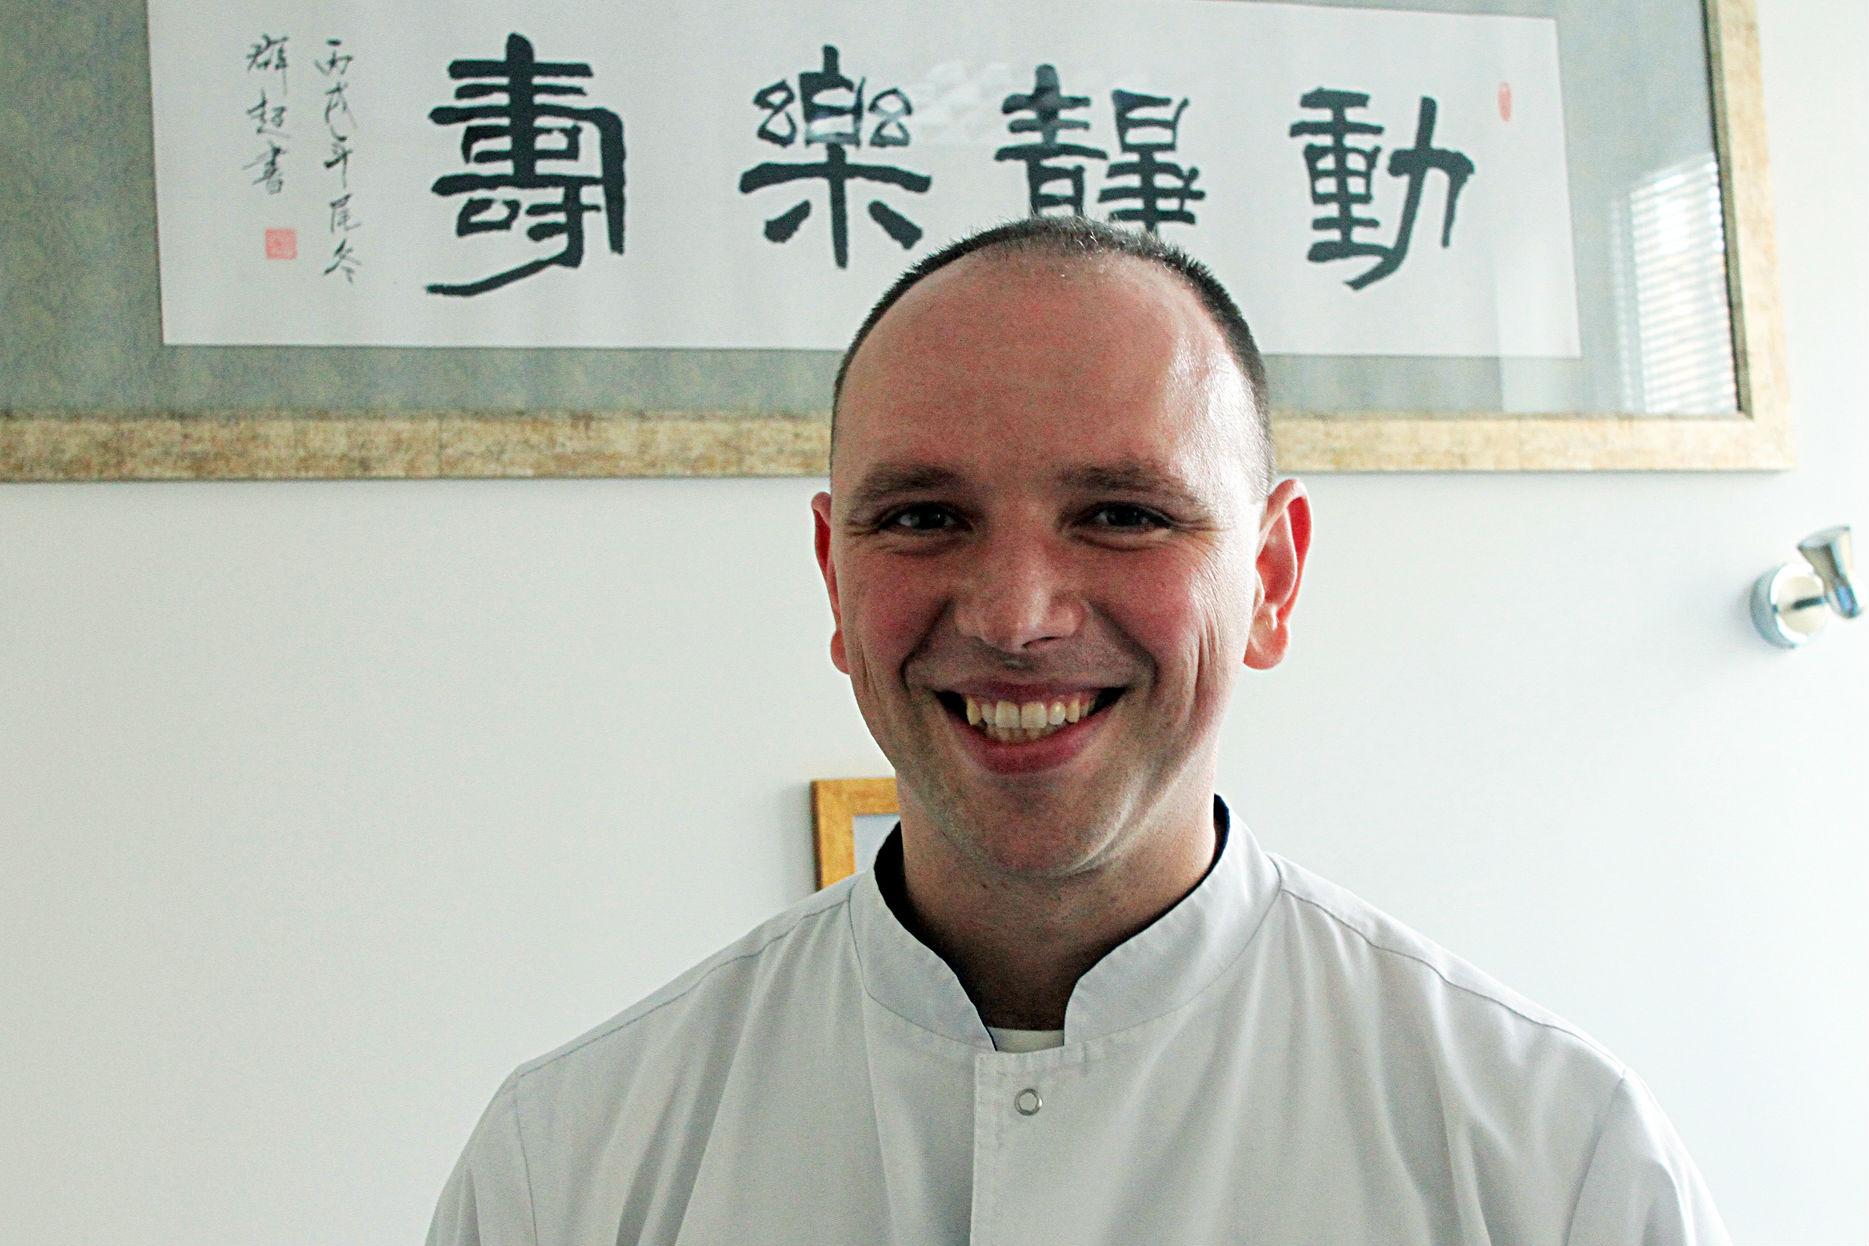 中国/立陶宛的中医诊所 针灸疗法是中国传统医学的一个重要组成部分,...